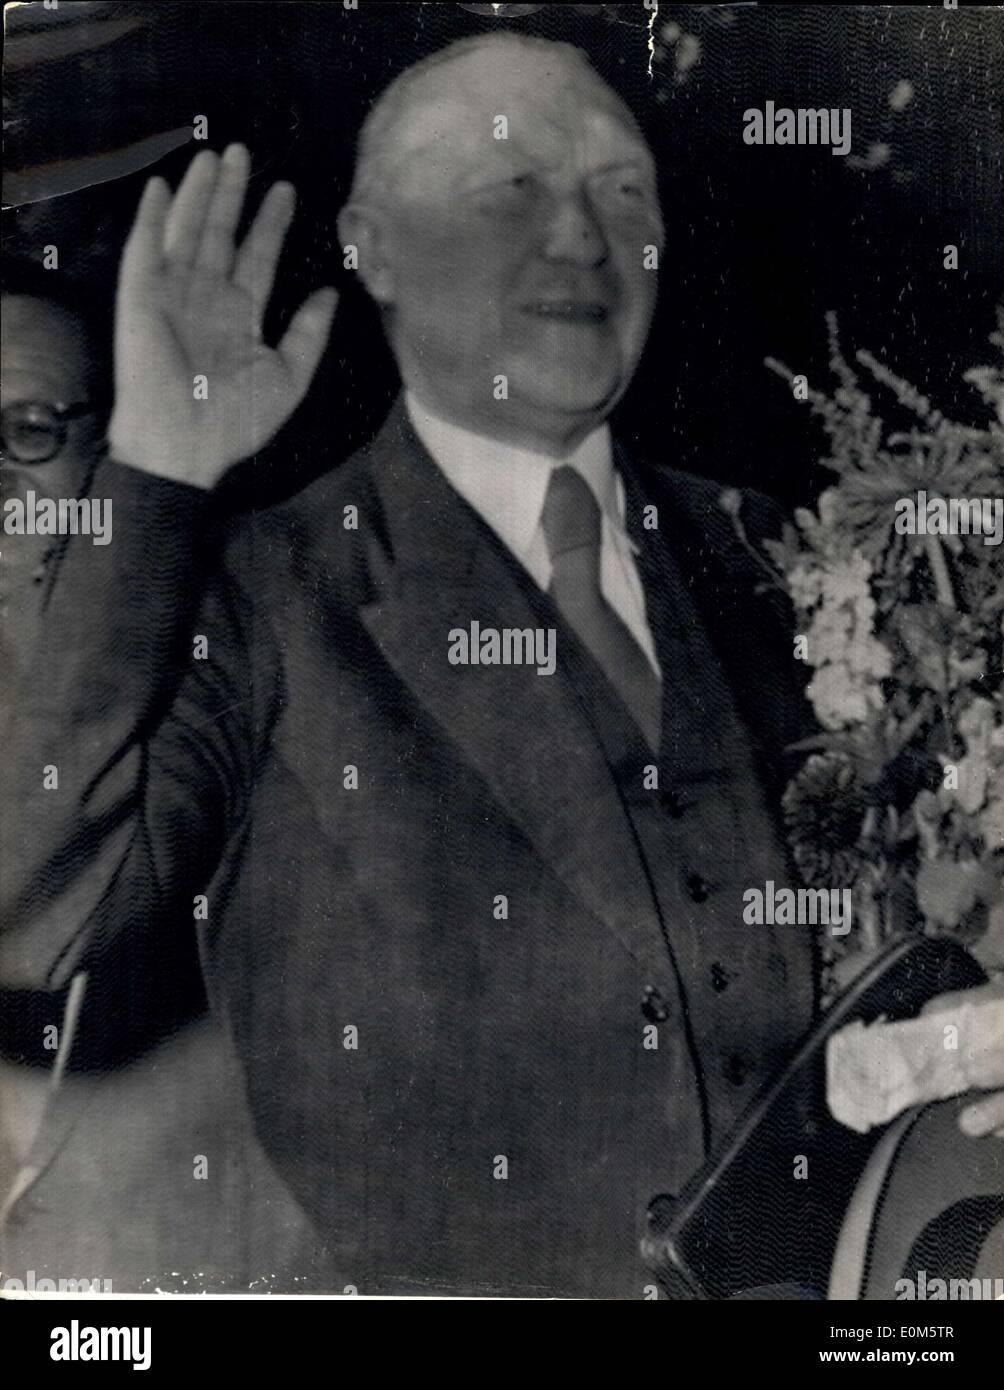 Septiembre 07, 1953 - una resonante victoria para canciller de Alemania Occidental en las elecciones; 77 años el canciller Konrad Adenauer, ha informado hoy de que su Partido Demócrata Cristiano obtuvo una resonante victoria en las últimas elecciones en Alemania. Los resultados extraoficiales muestran que más de 12.000.000 de Alemania Occidental, han dado su respaldo del Gobierno por su política de colaboración permanente con el oeste, los comunistas han fallado de manera ignominiosa. Incluso en la cuenca del Ruhr Solignen cubiertos de la ciudad, una vez que un foco del comunismo, no podían conseguir un asiento. El comunista recibió sólo el dos por ciento del total de los votos Imagen De Stock